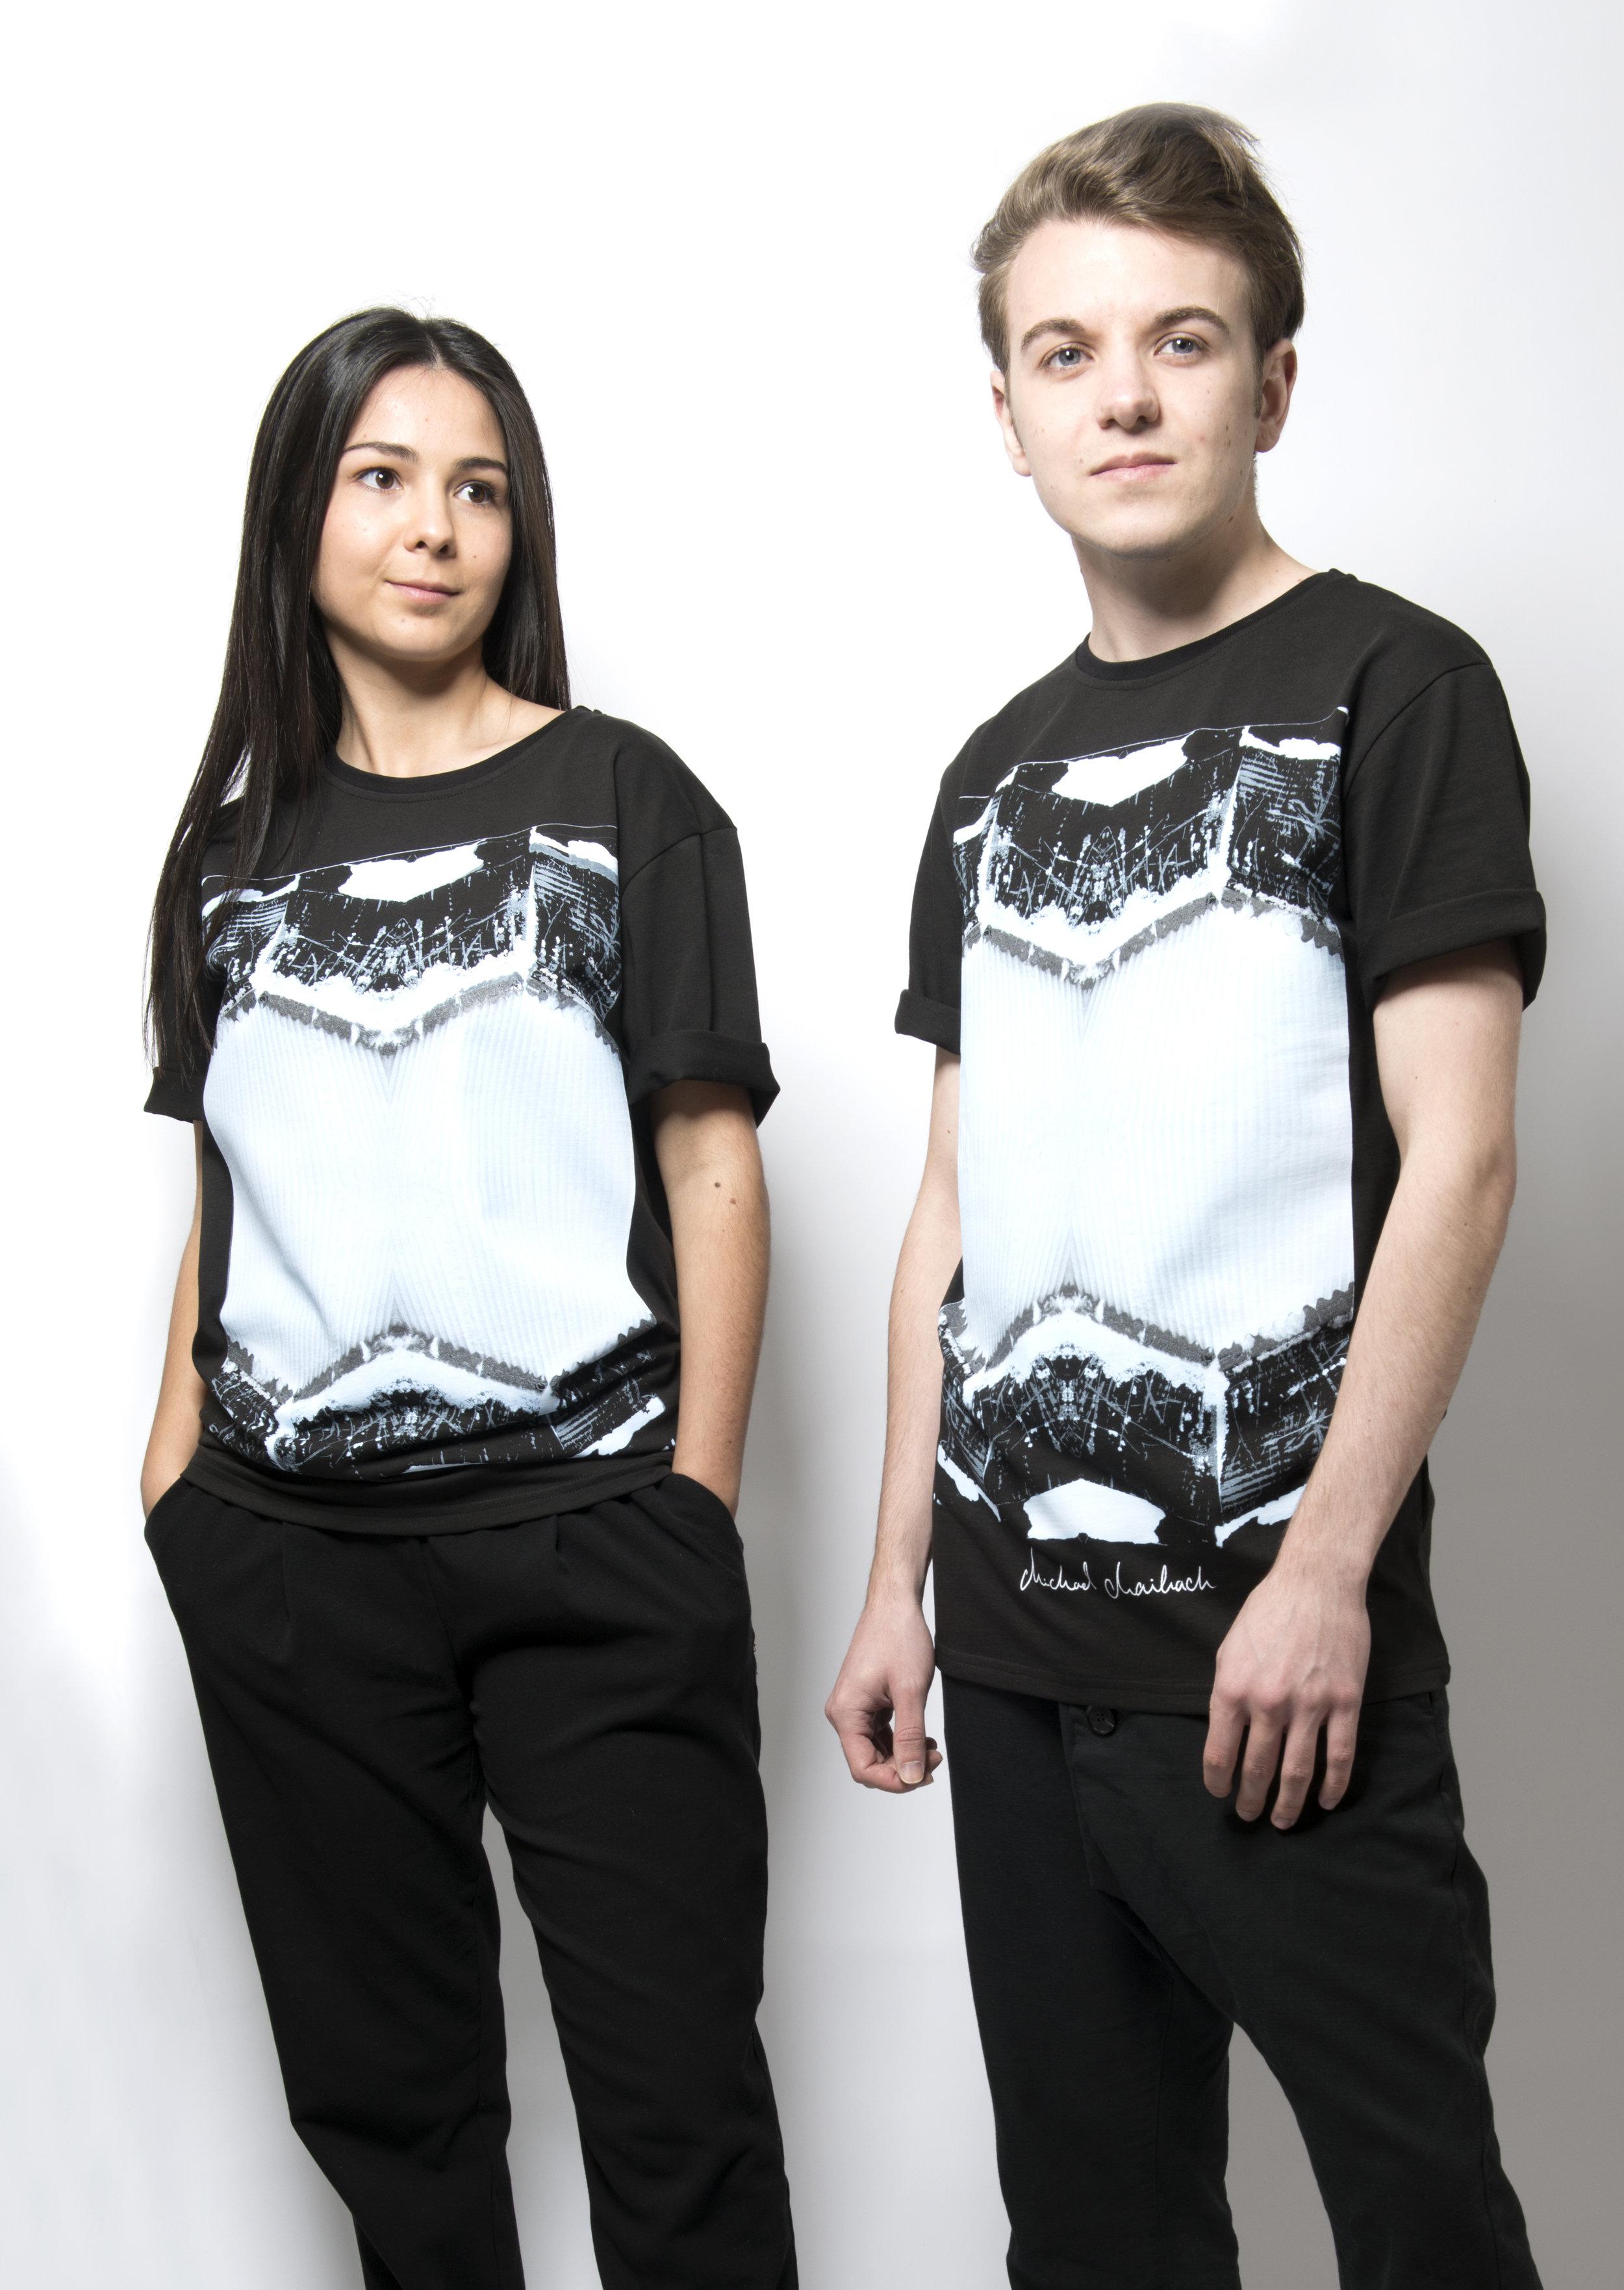 T-Shirt - 29.95€ .ICE-MIRROR - Schwarzes T-Shirt mit Printmotiv im Vorderteil.Erhältlich in S, M, L, XL100% Baumwolle.-Preis inkl. MwSt und zzgl. Versand.Beachtung der AGB's.